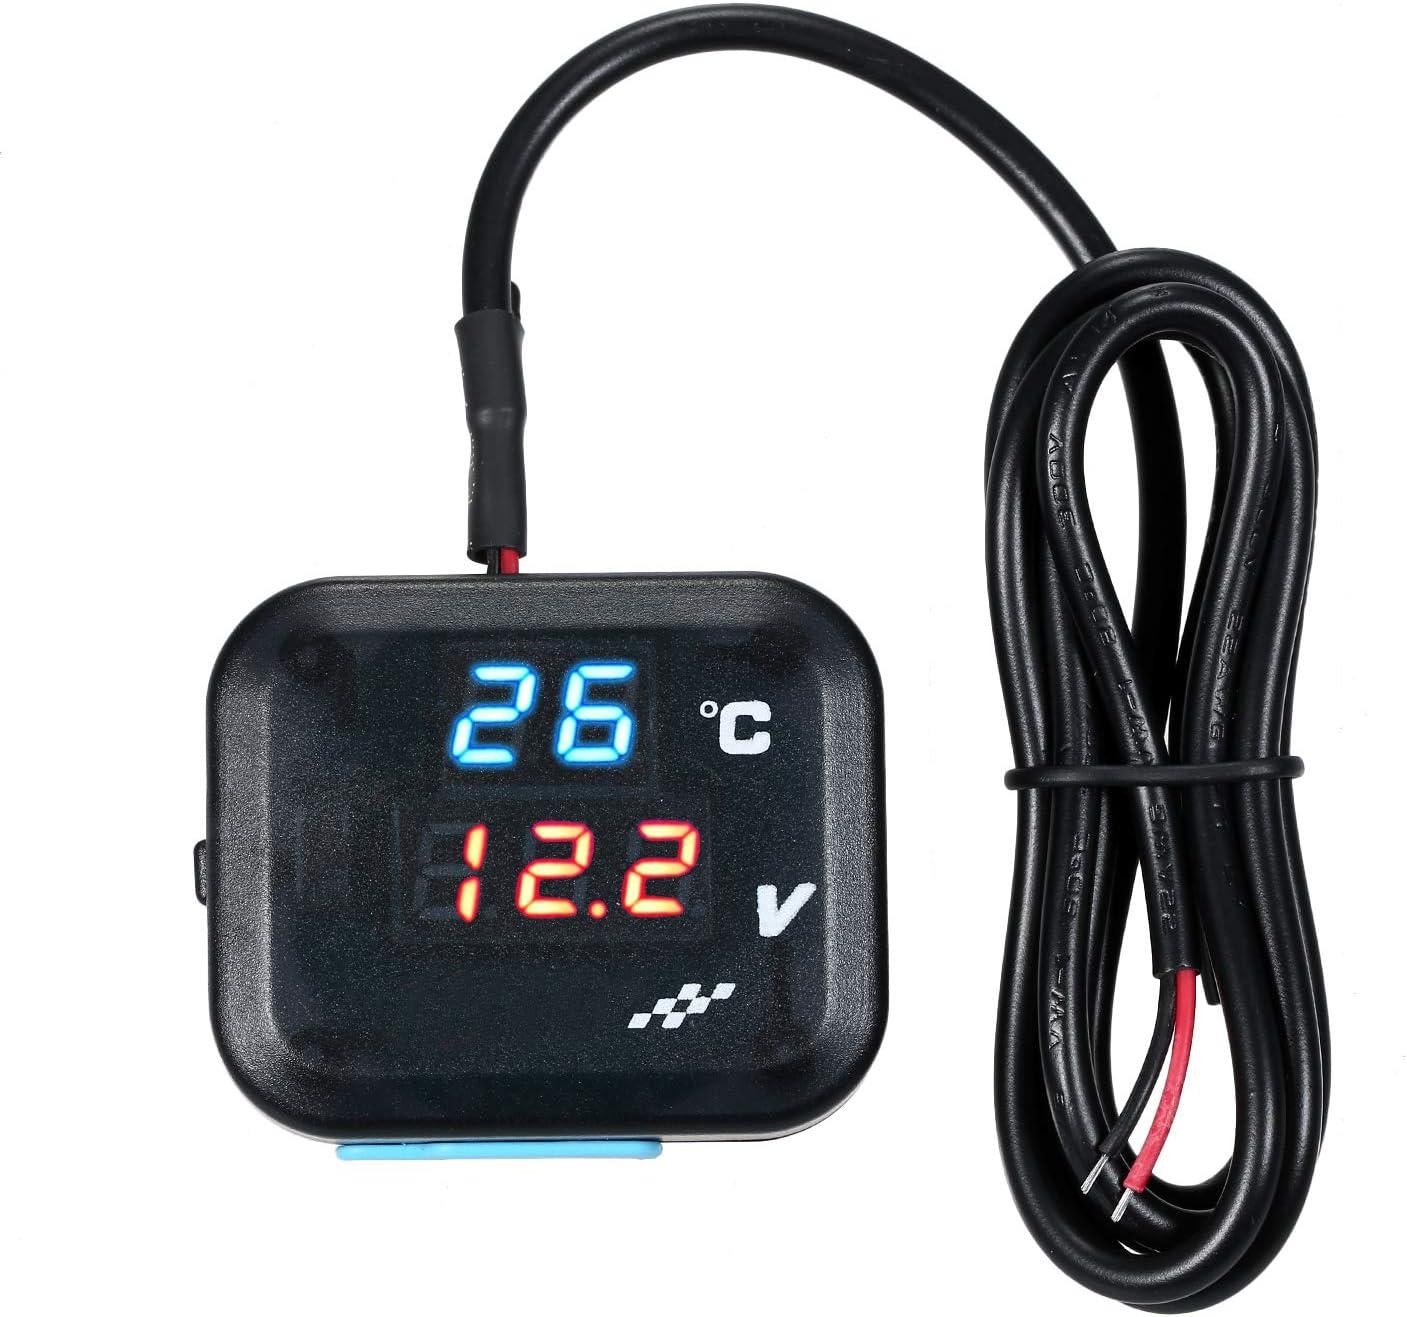 ROSEBEAR Misuratore di Temperatura Voltmetro Batteria Digitale per Auto Moto per Veicoli 12V